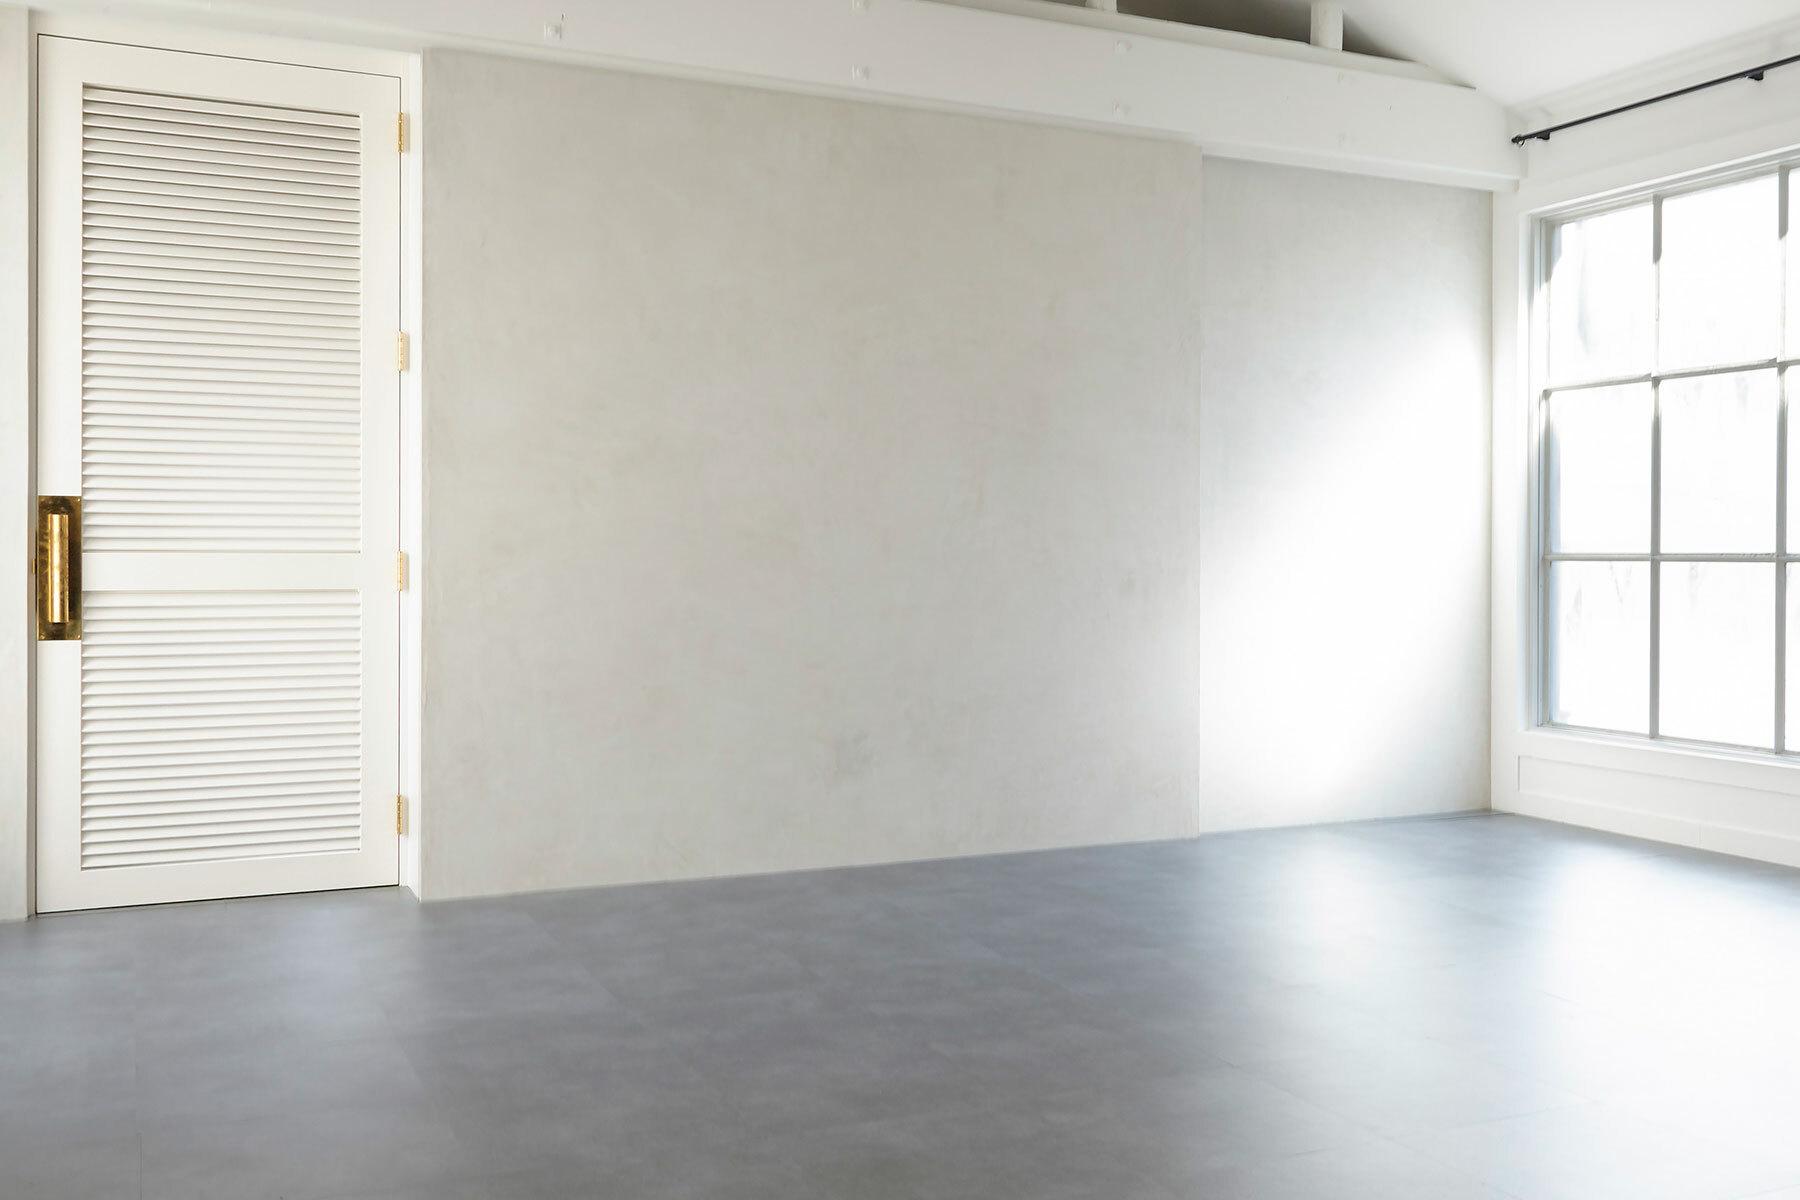 BASE STUDIO HIGASHIYAMA (ベース スタジオ)南東側入口階段